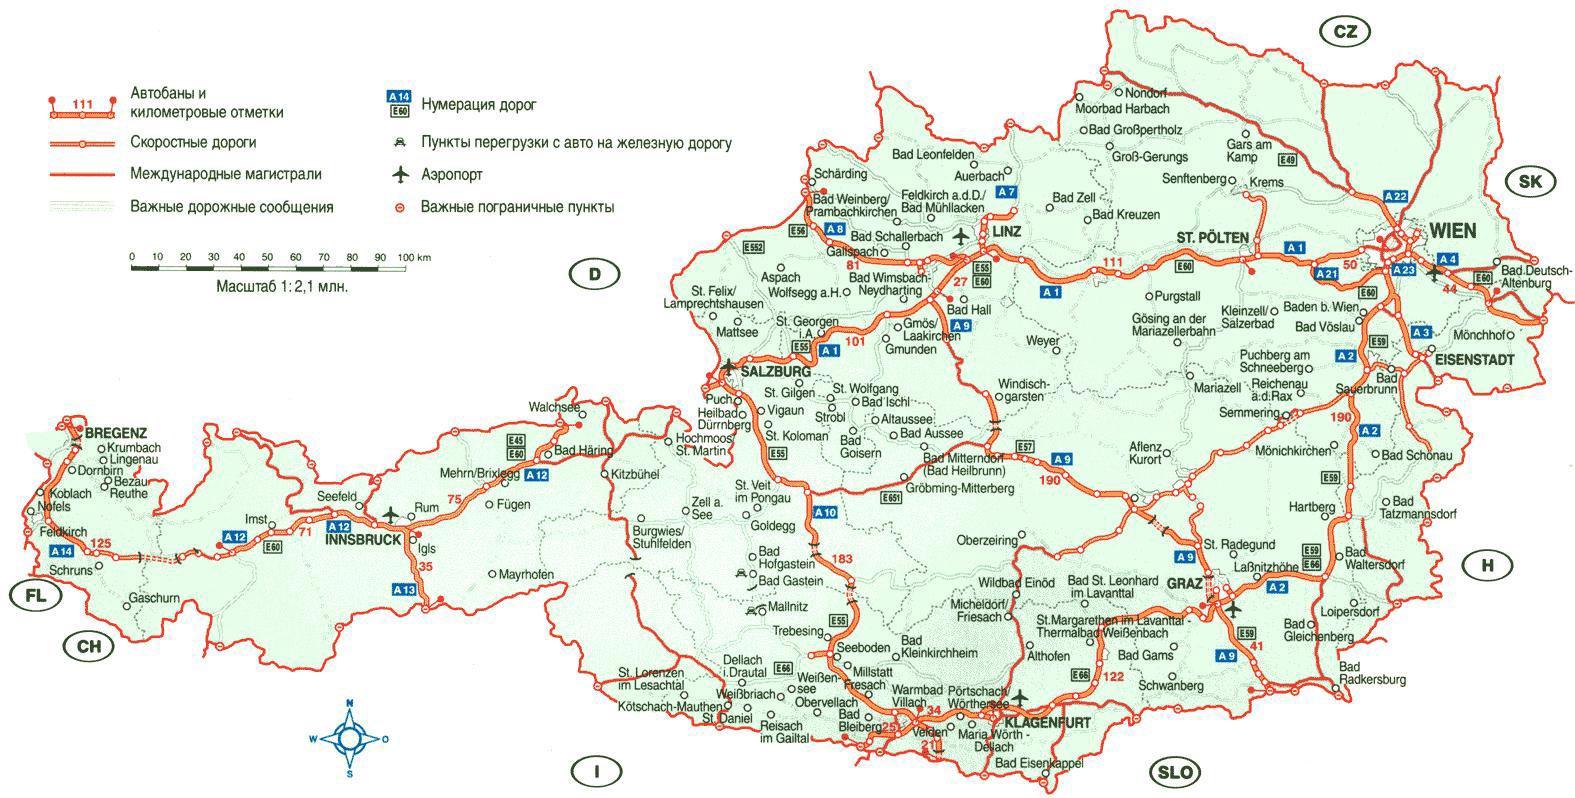 Avstriya Ptna Karta Podrobna Karta Na Avstriya Zapadna Evropa